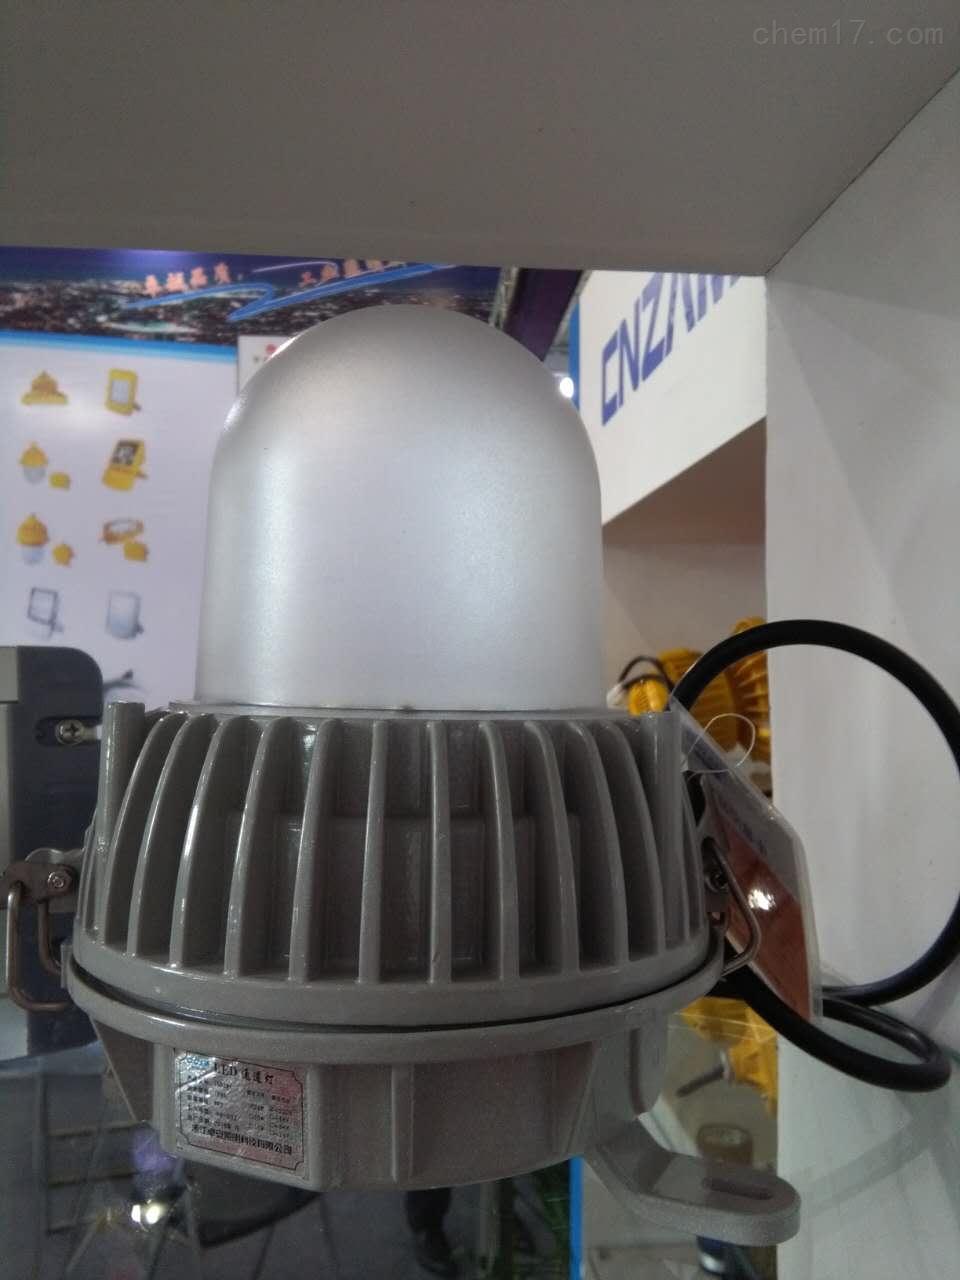 甘肃兰州海洋王NFC9112防眩平台灯,NFC9112兰州防眩泛光灯